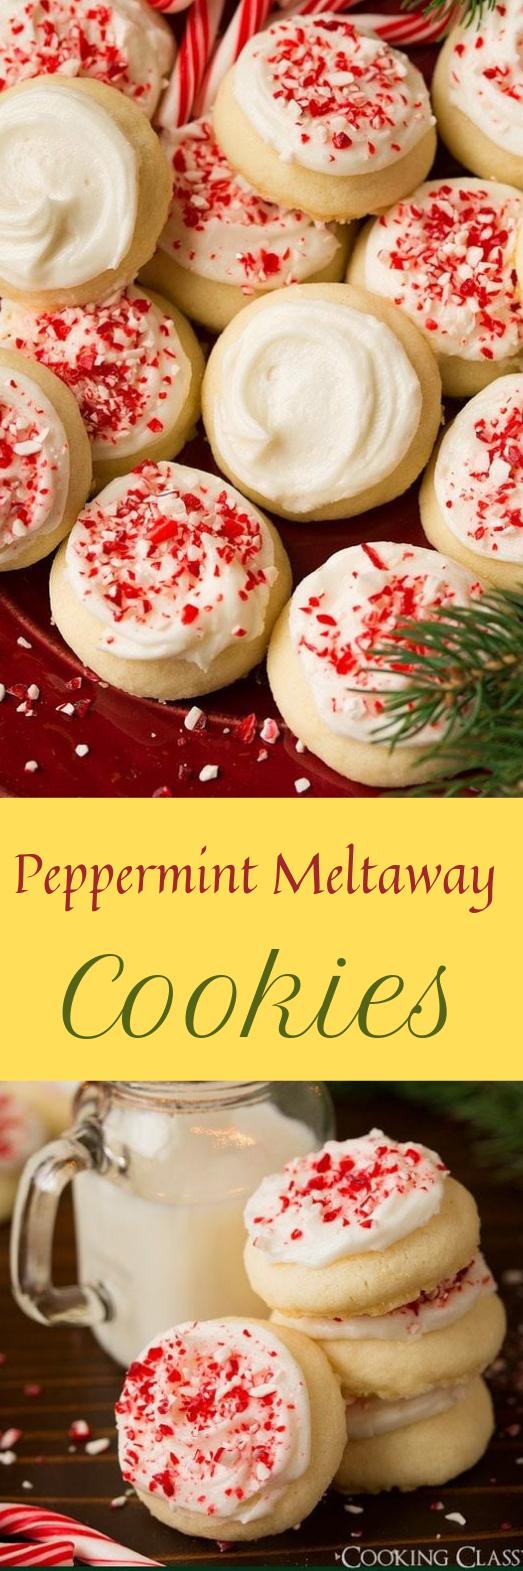 Peppermint Meltaway Cookies #cake #cookies